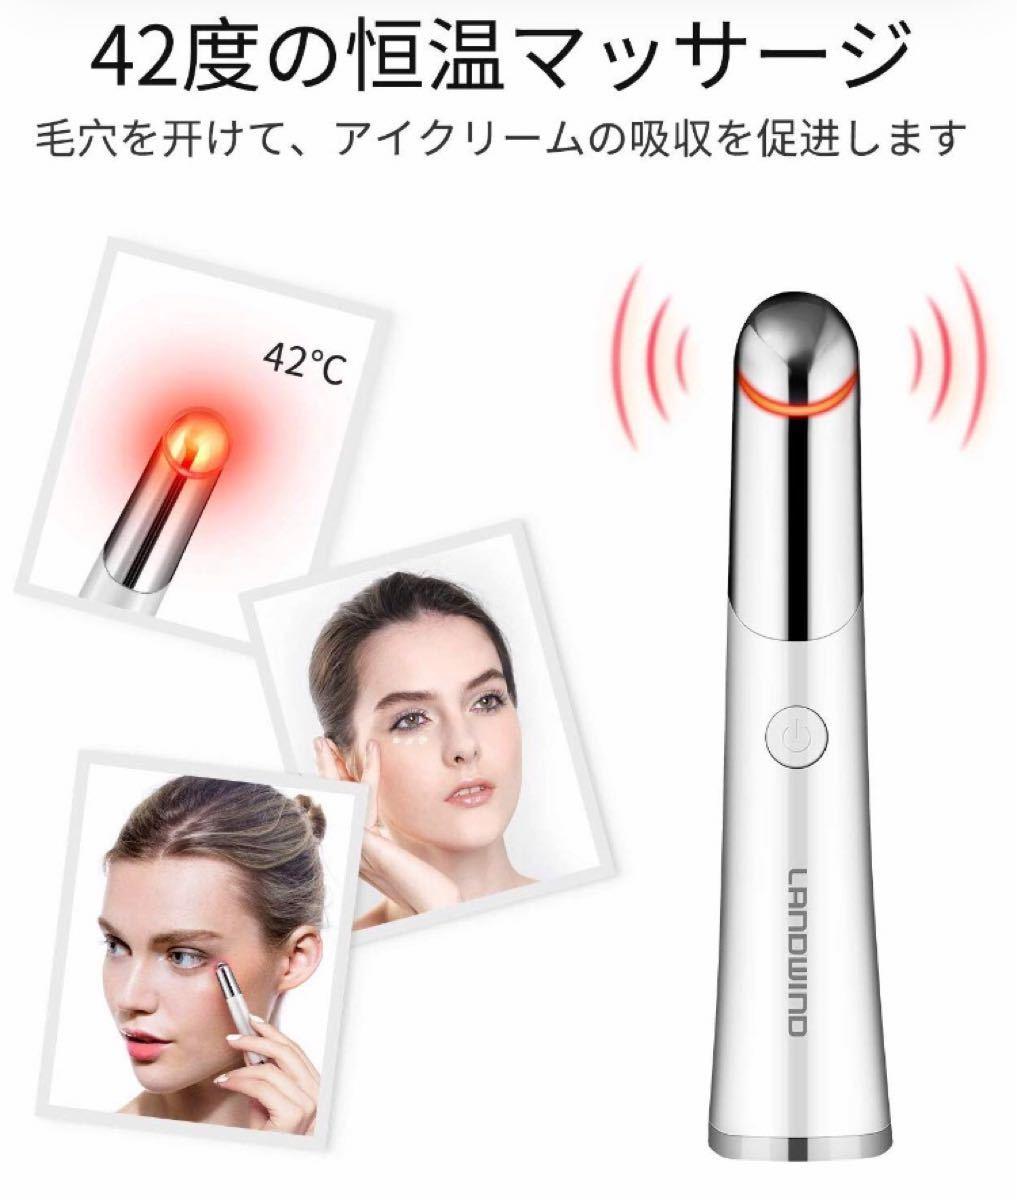 目元ケア 美顔器 超音波美顔器 温熱マッサージ 振動 イオン導入美顔器